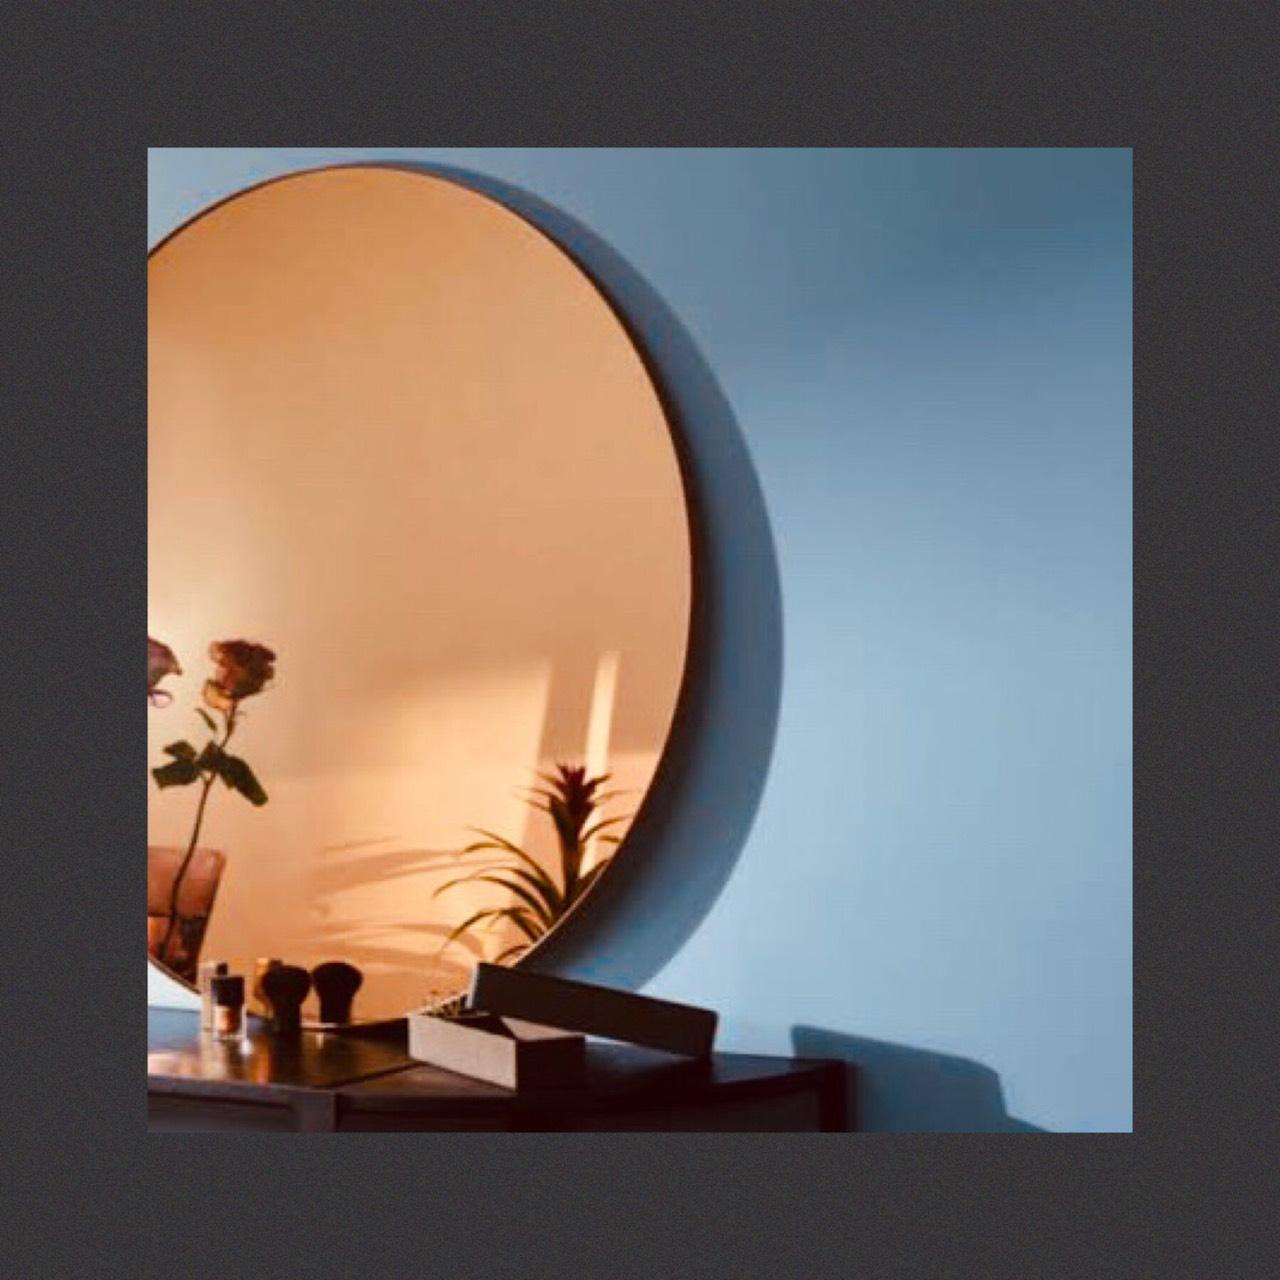 กระจกเงาสีทองแดง Copper Bronze